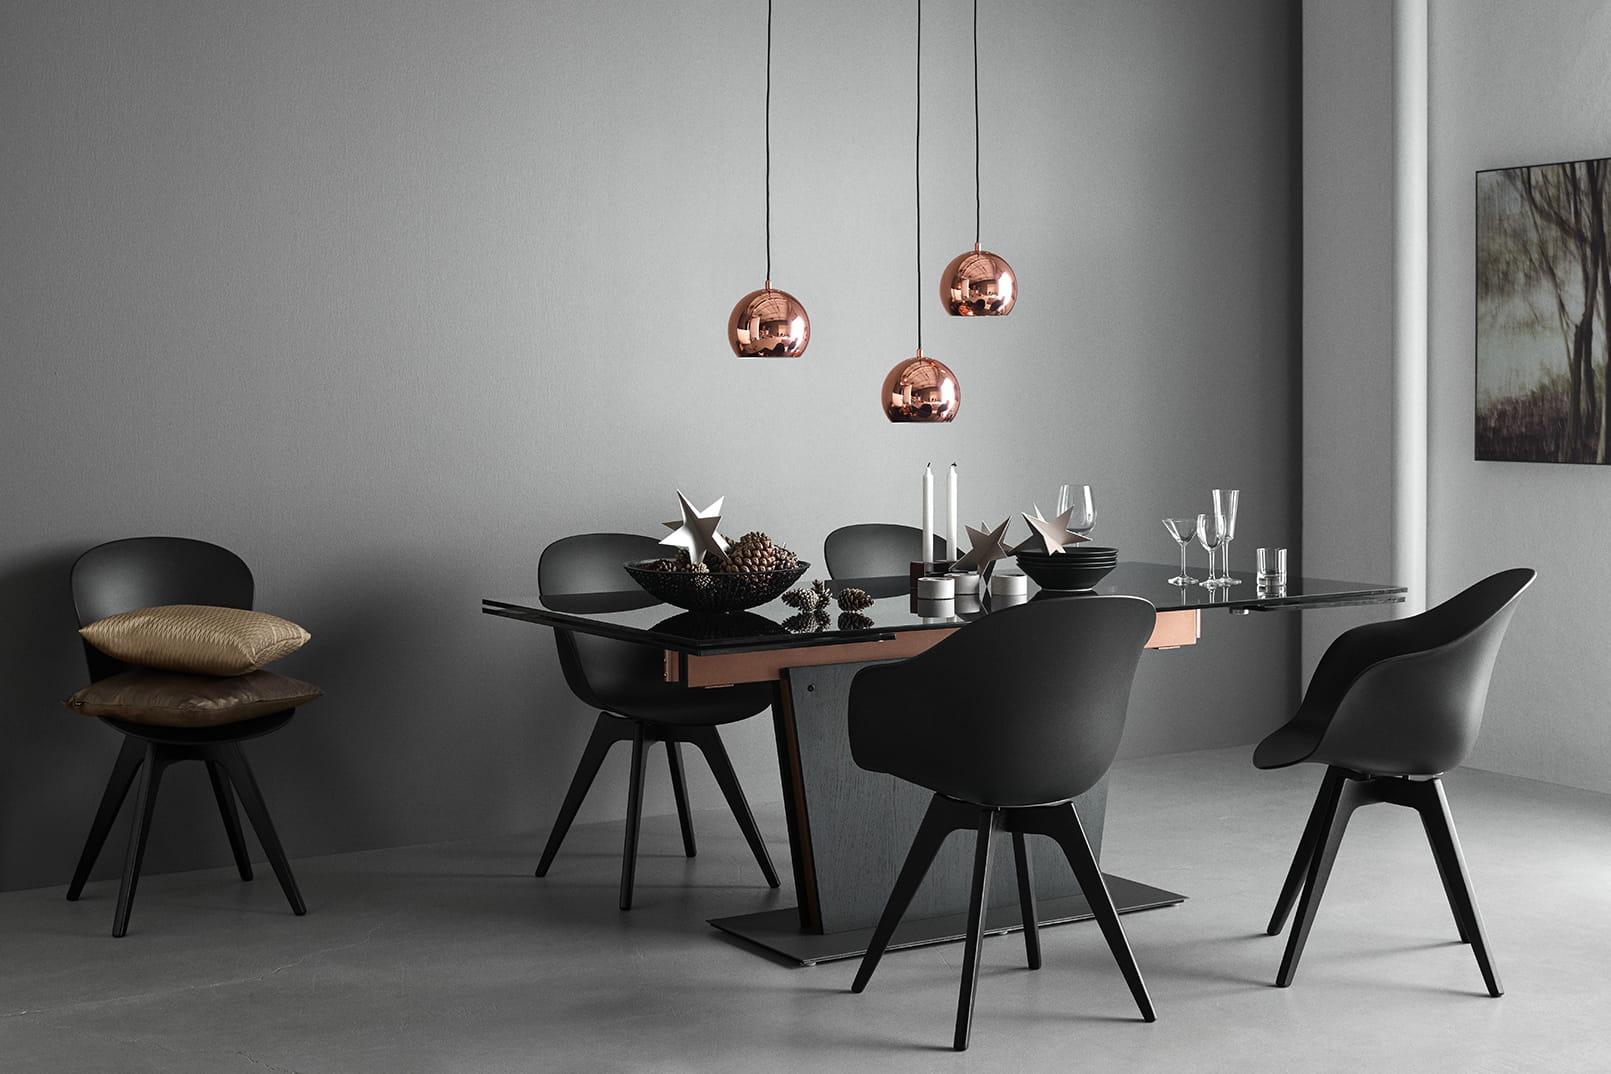 comment clairer la salle manger journal des femmes. Black Bedroom Furniture Sets. Home Design Ideas